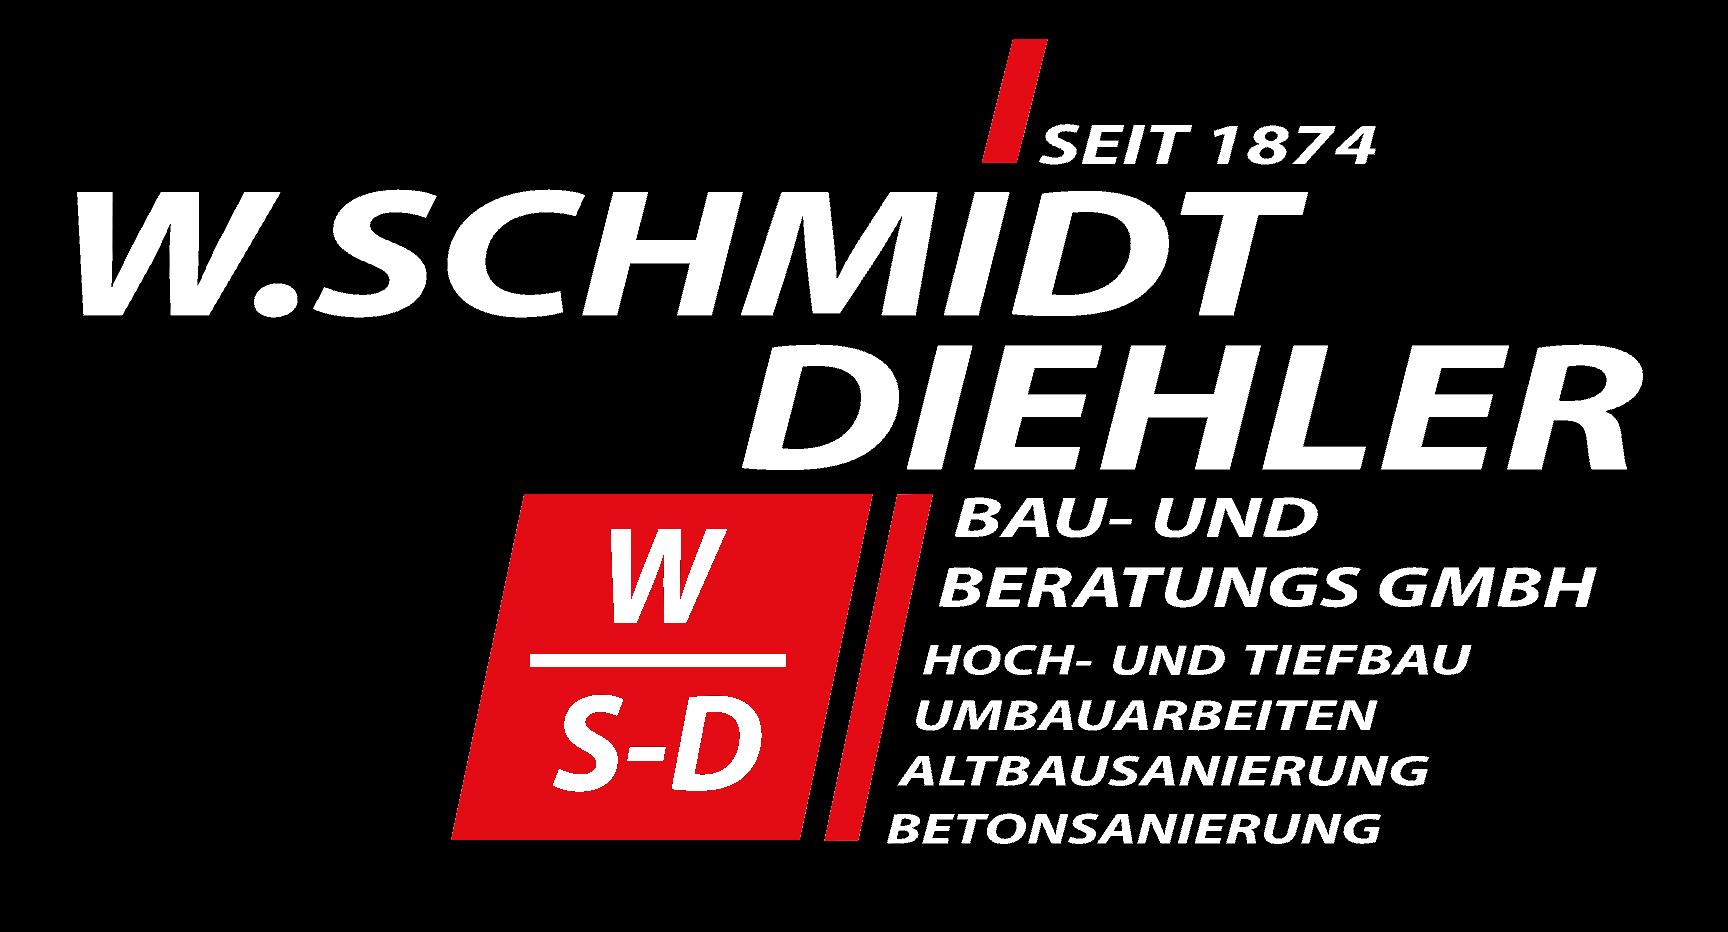 W. Schmidt Diehler GmbH